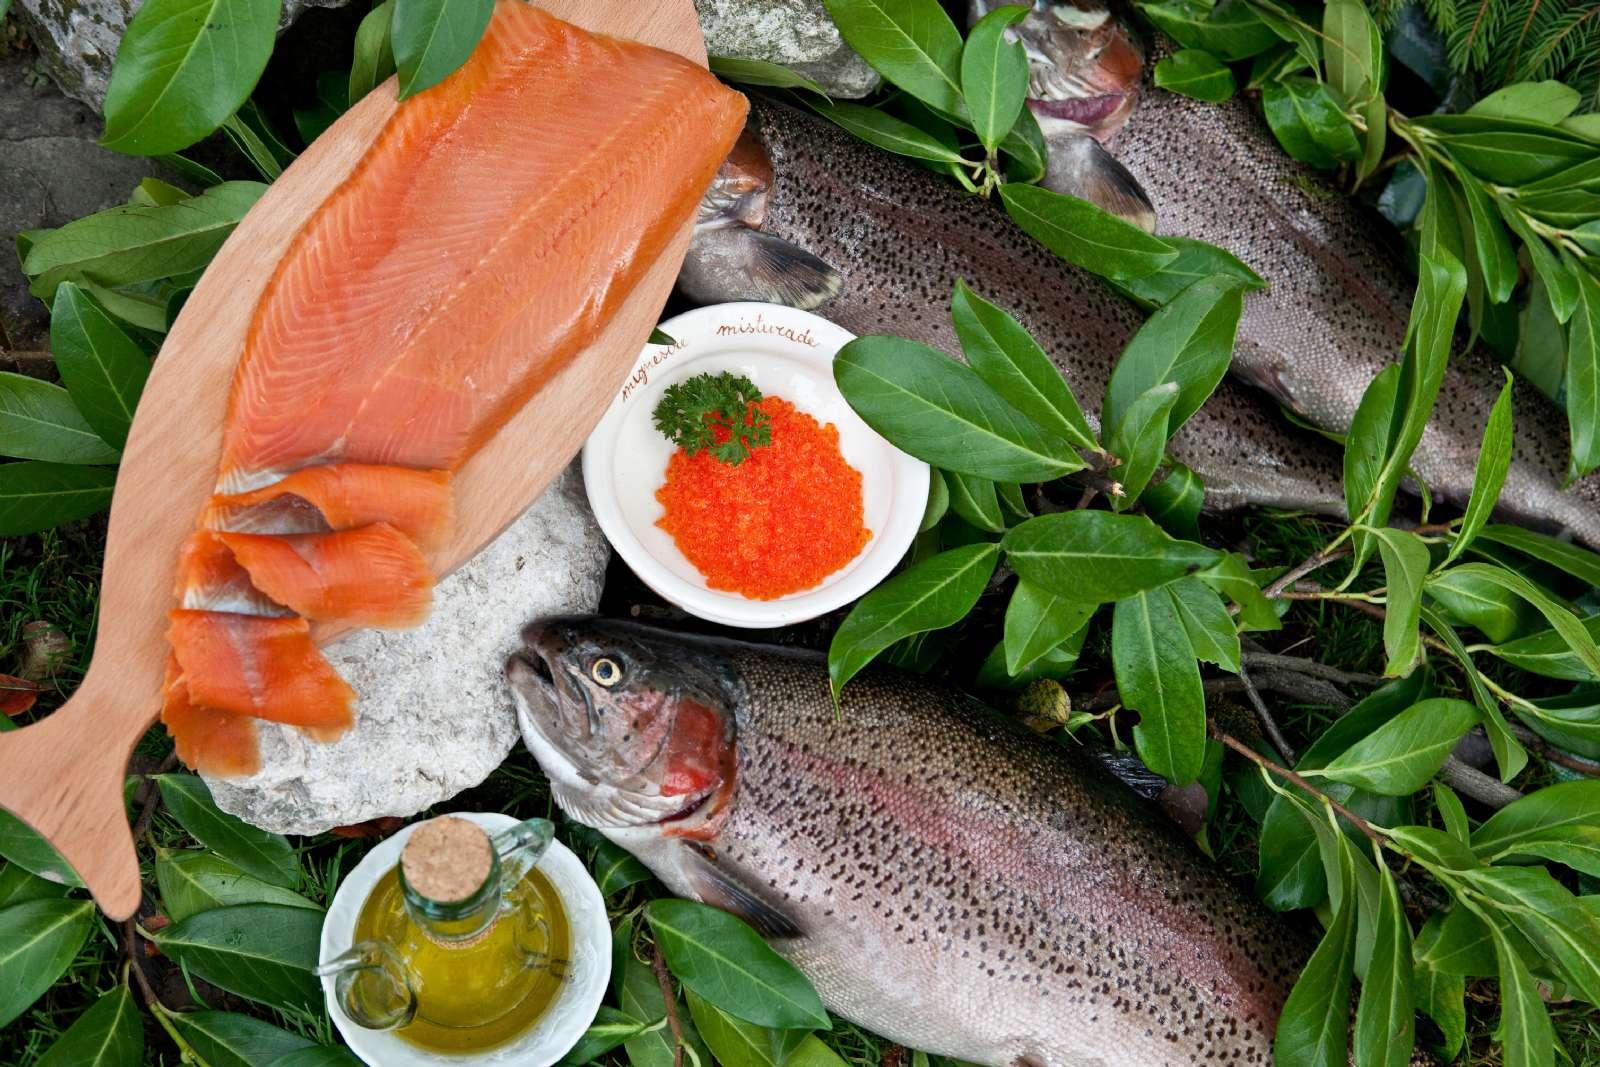 Du får god, frisk fisk i Friuli